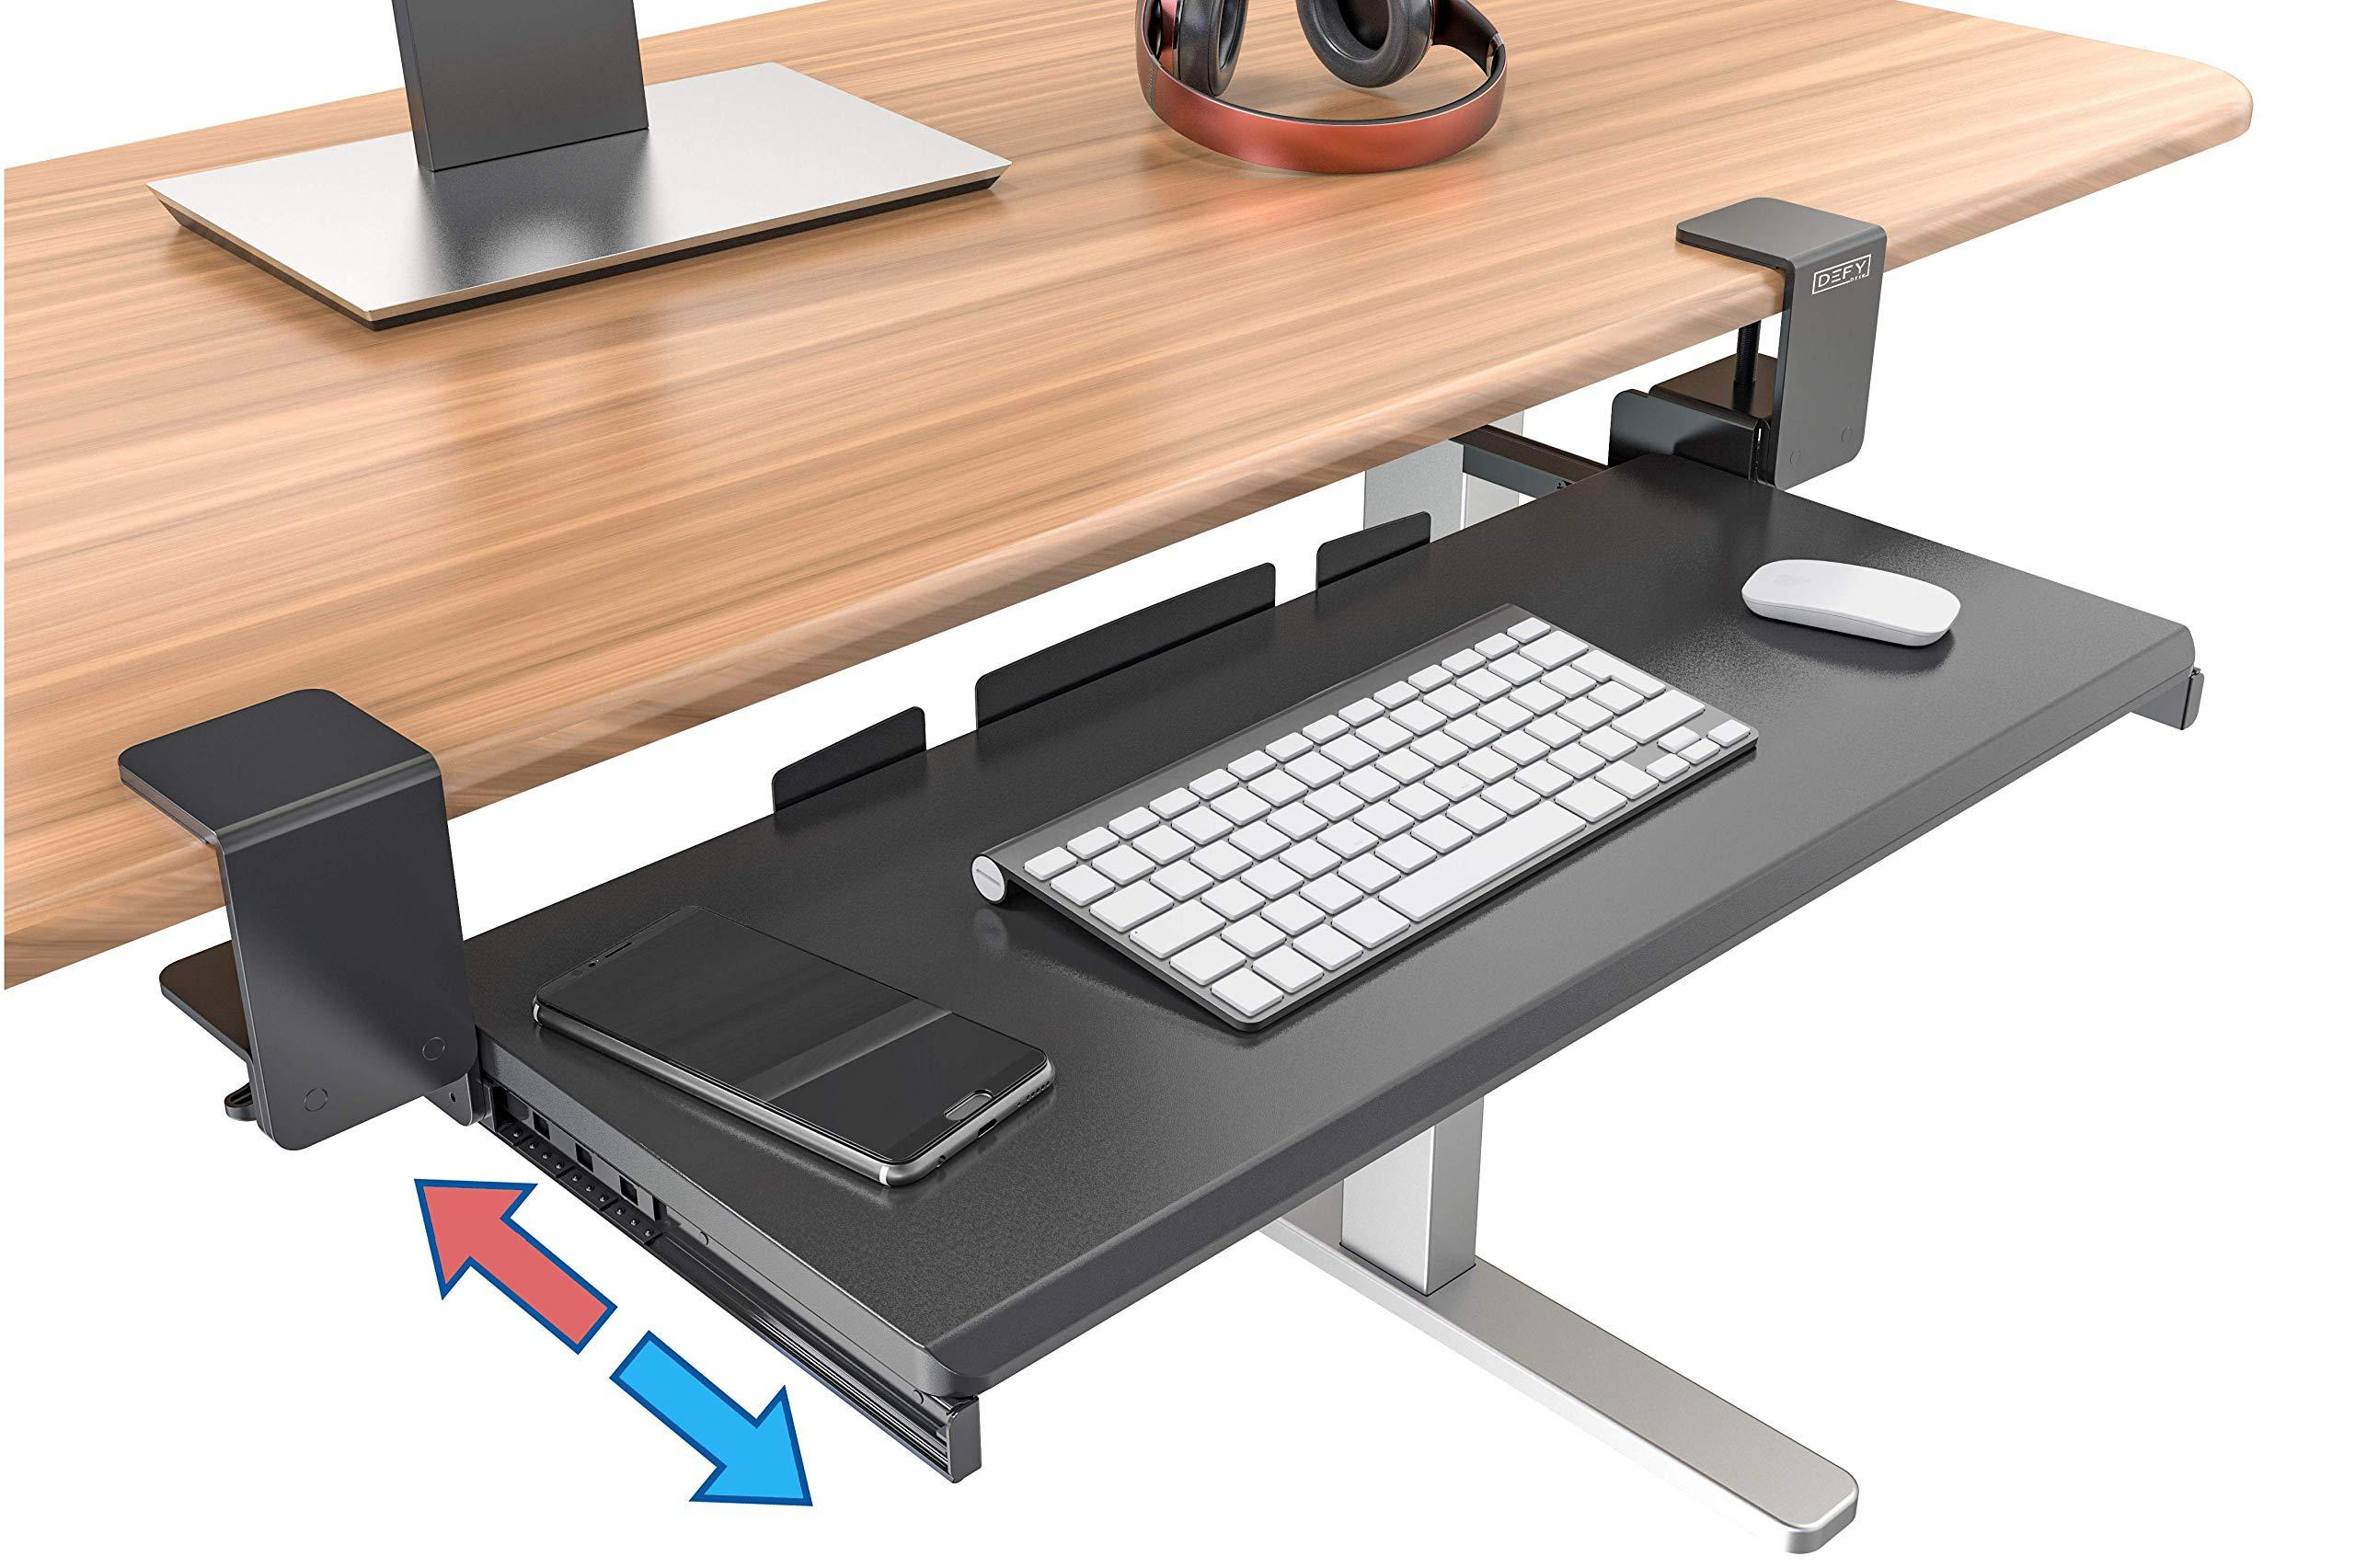 Clamp On Keyboard Tray Office Under Desk Ergonomic Desks Wood Clamps Wrist Rest Pad Mouse Drawer Slides Computer Shelf Table Desktop Extender Pull Out Workstation Platform Large Surface 26 inch by Defy Desk